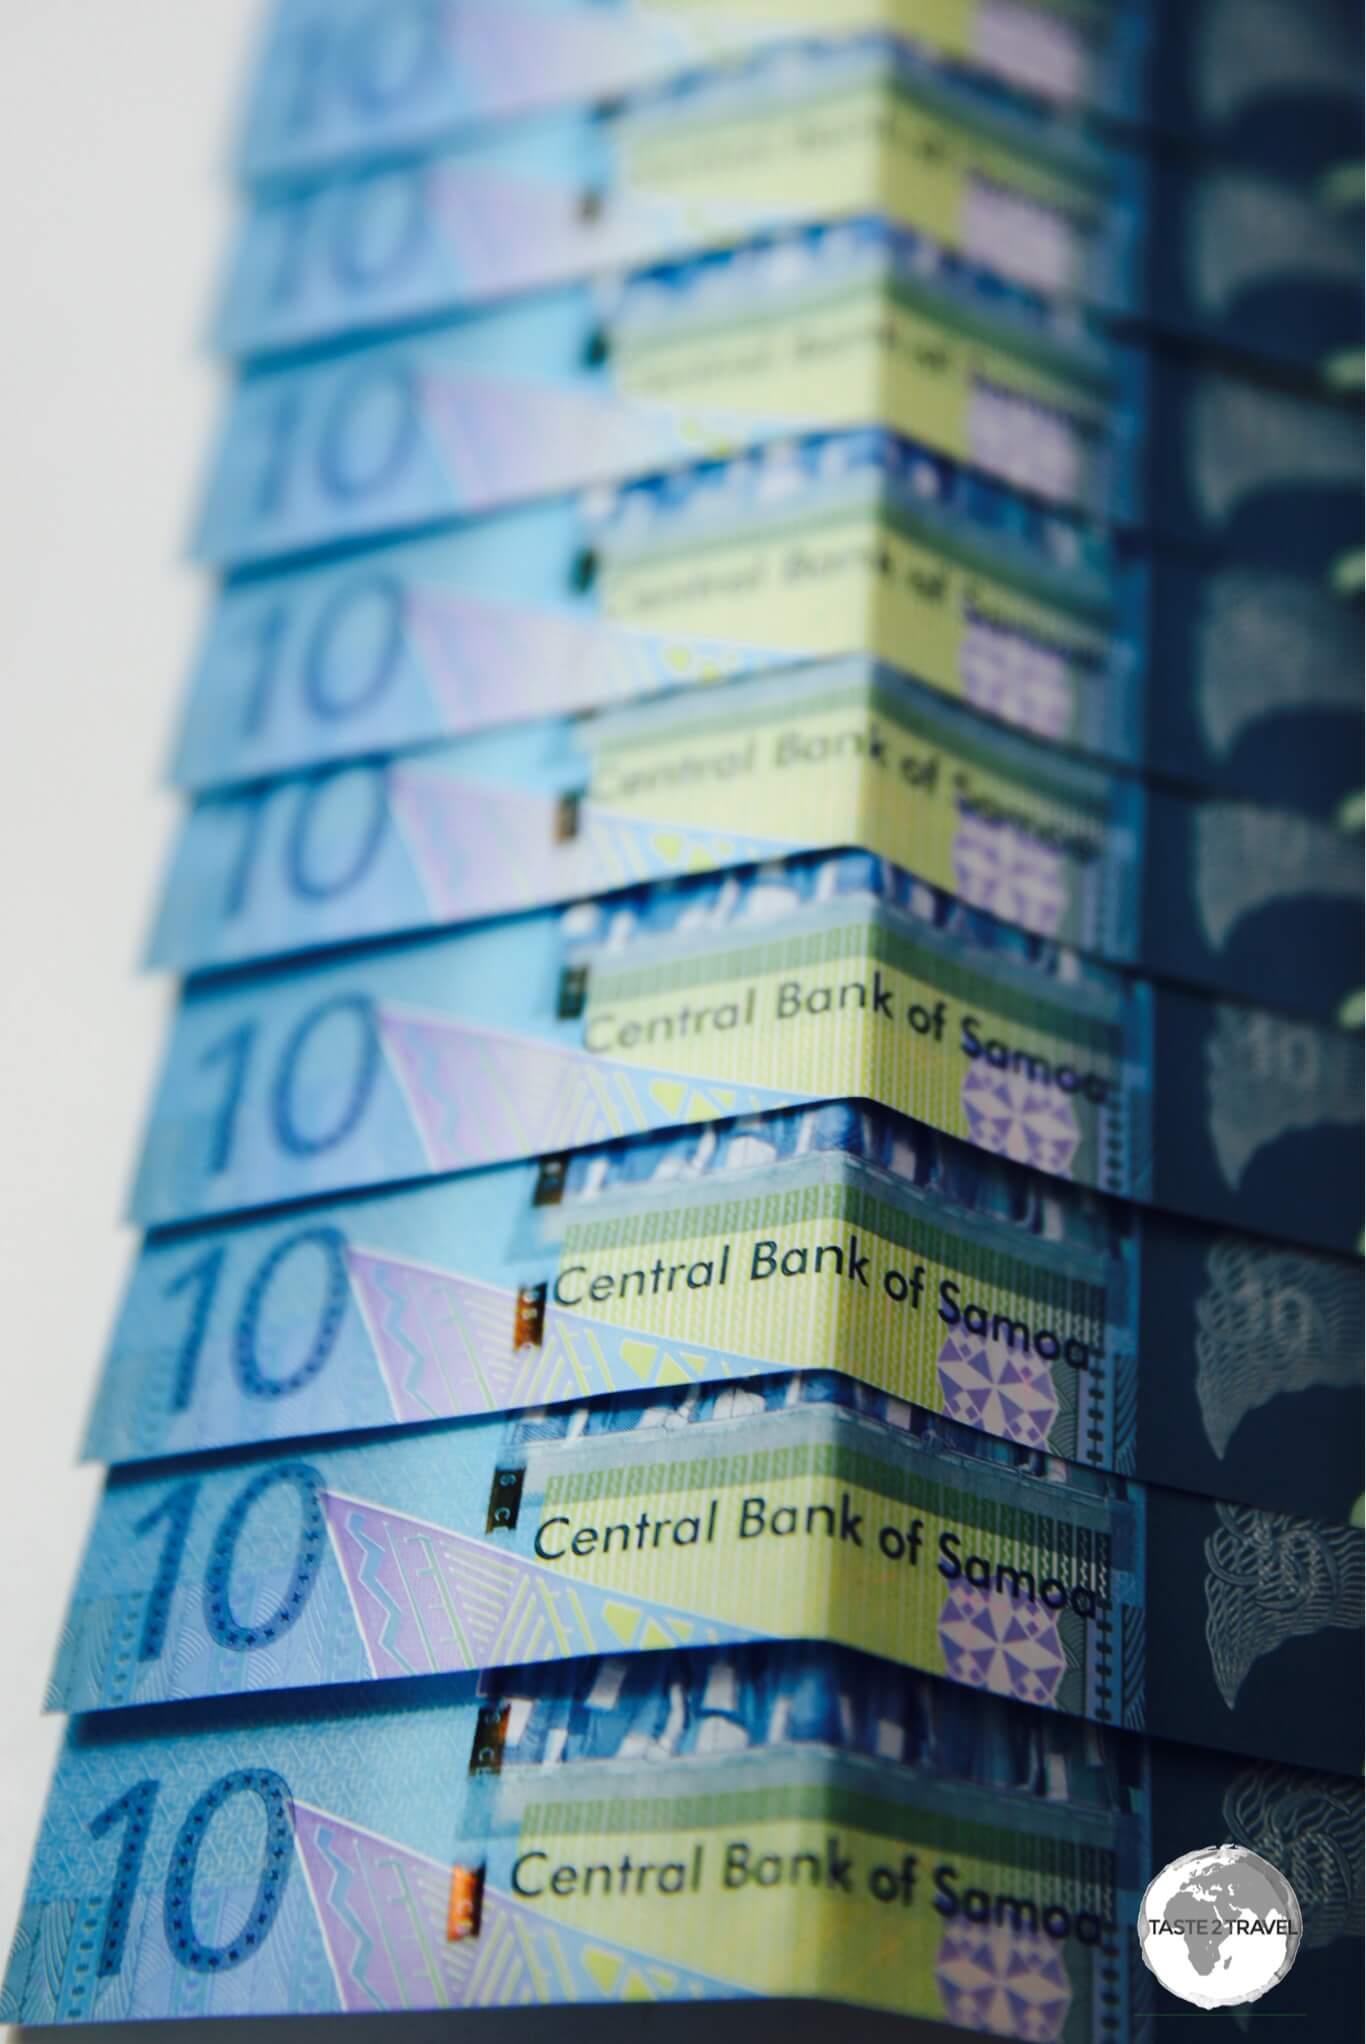 Samoan 10 Tala bank notes.